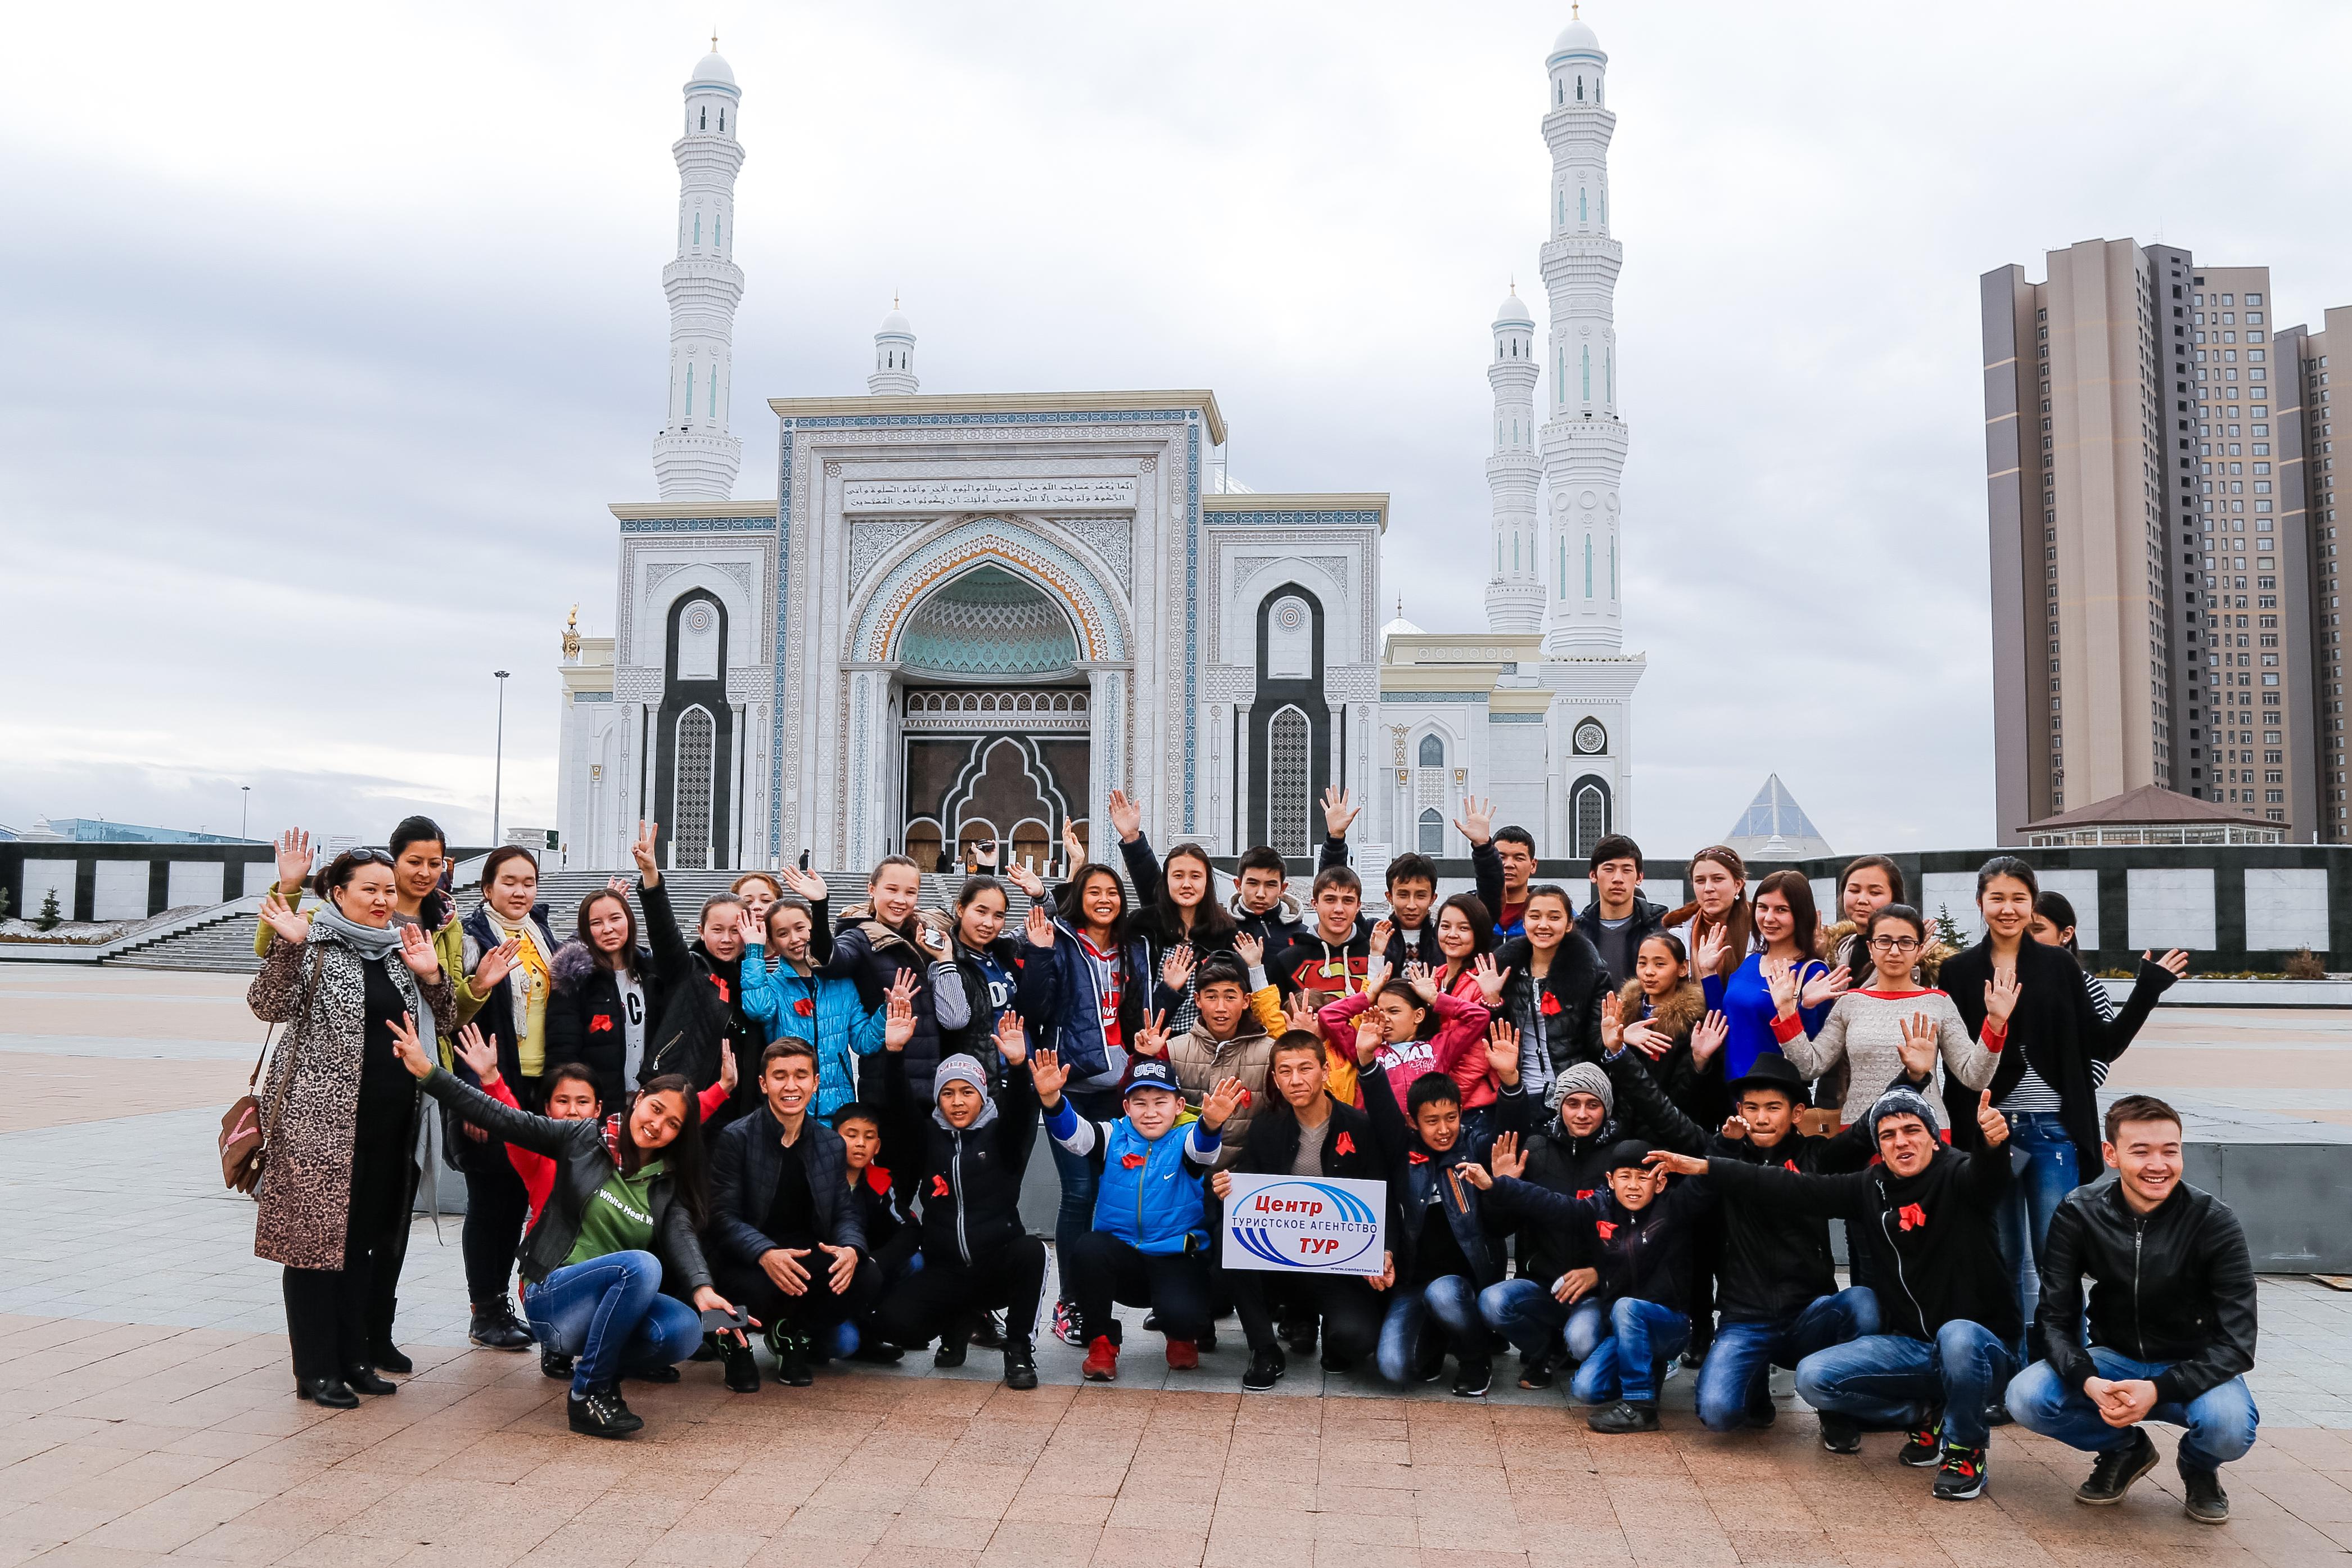 Экскурсия «Мир религии в Казахстане» (Группа 15 человек) – 4 часа